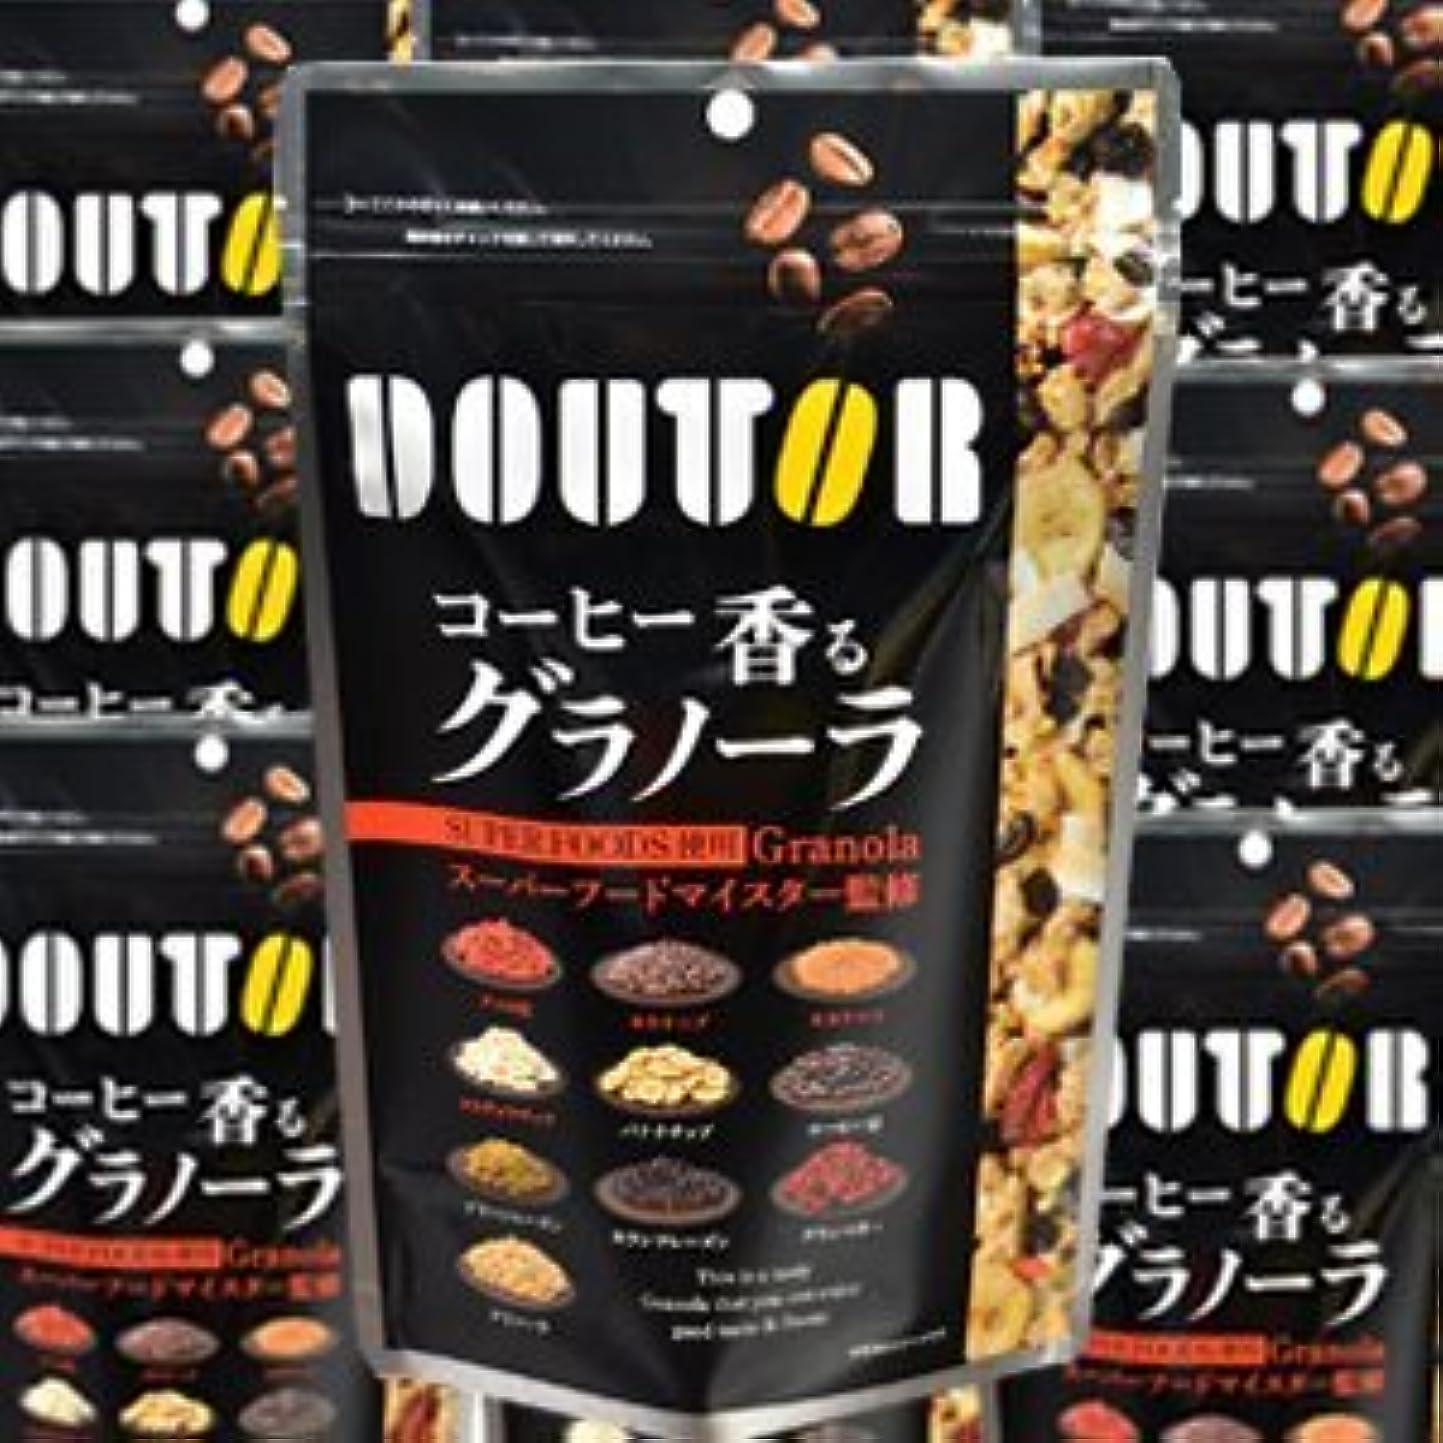 美人腐敗したモンスター【3個】 ドトール コーヒー香るグラノーラ 210gx3 (4946763053654-3)